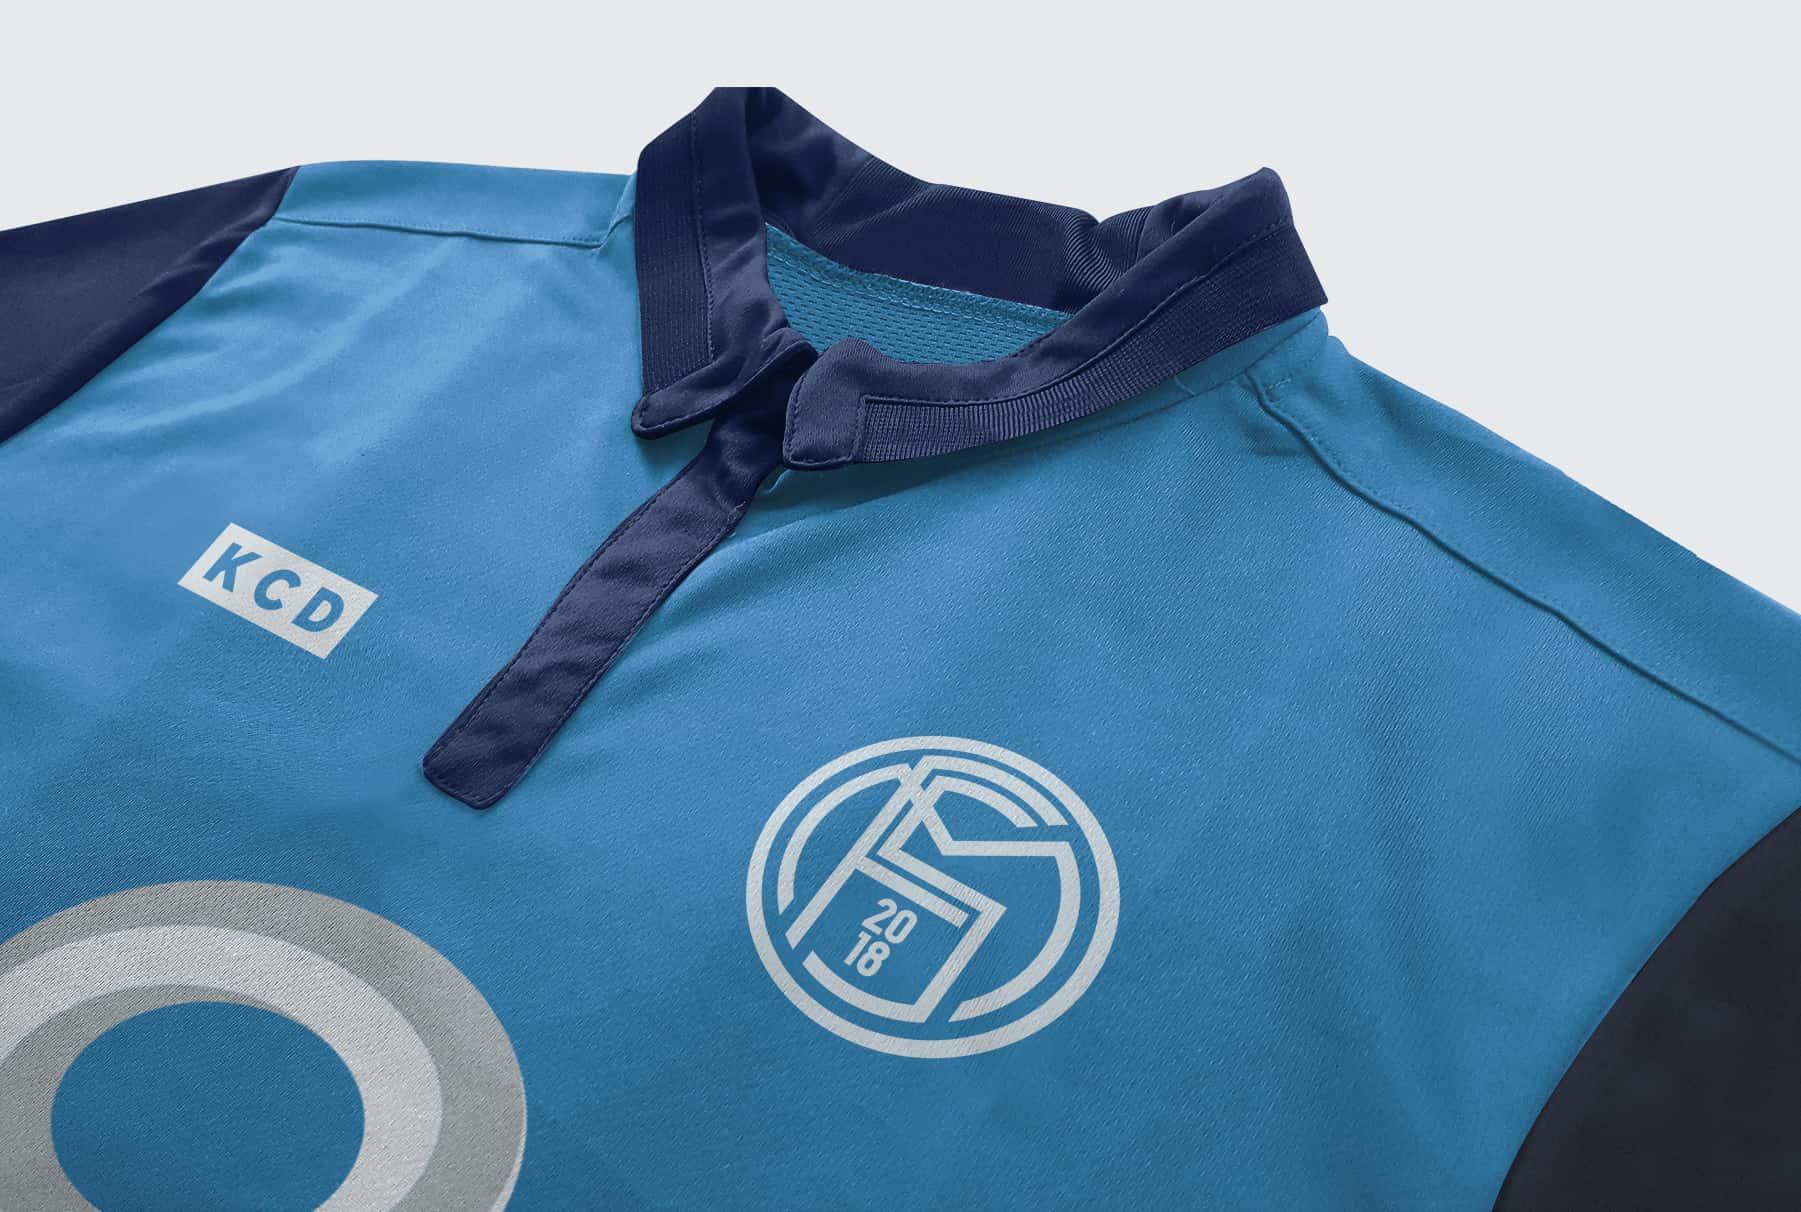 Football Shirt Mockup